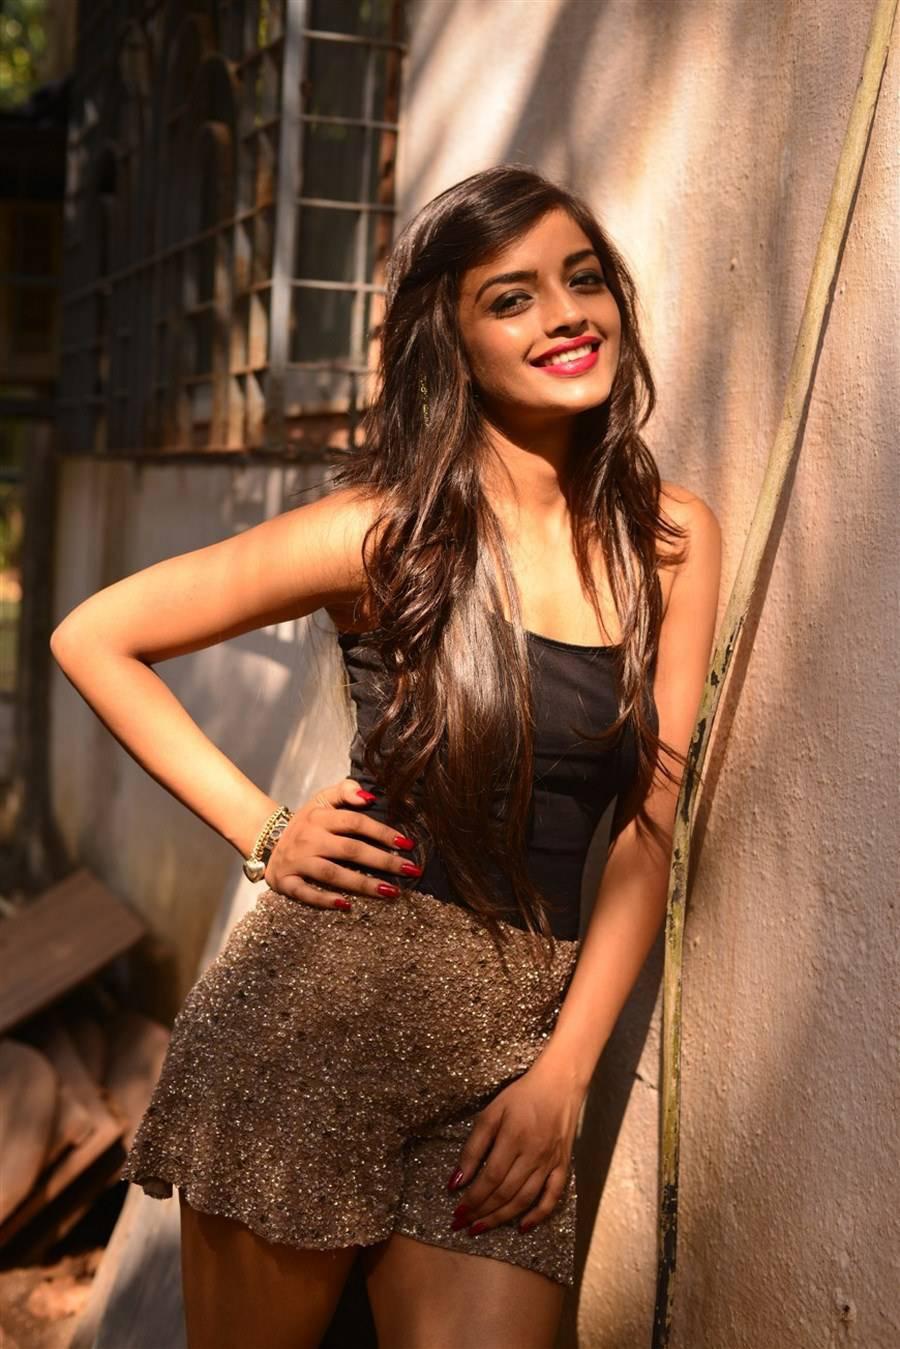 Ashna Zaveri Photoshoot Stills, Ashna Zaveri hot Pics in Skirt & Top